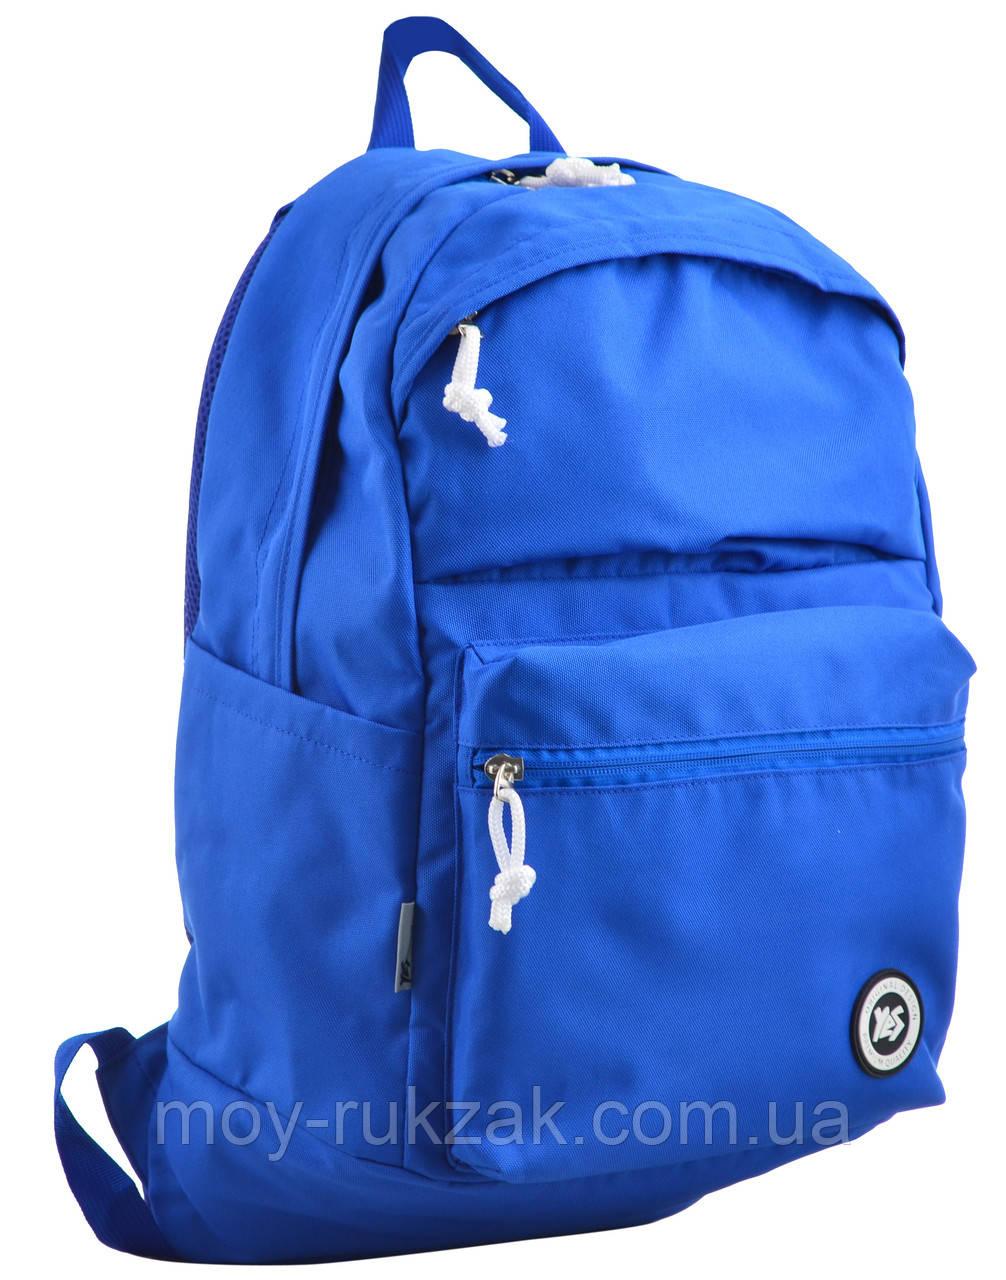 """Рюкзак подростковый Royal blue ST-22, """"YES"""", 555535"""